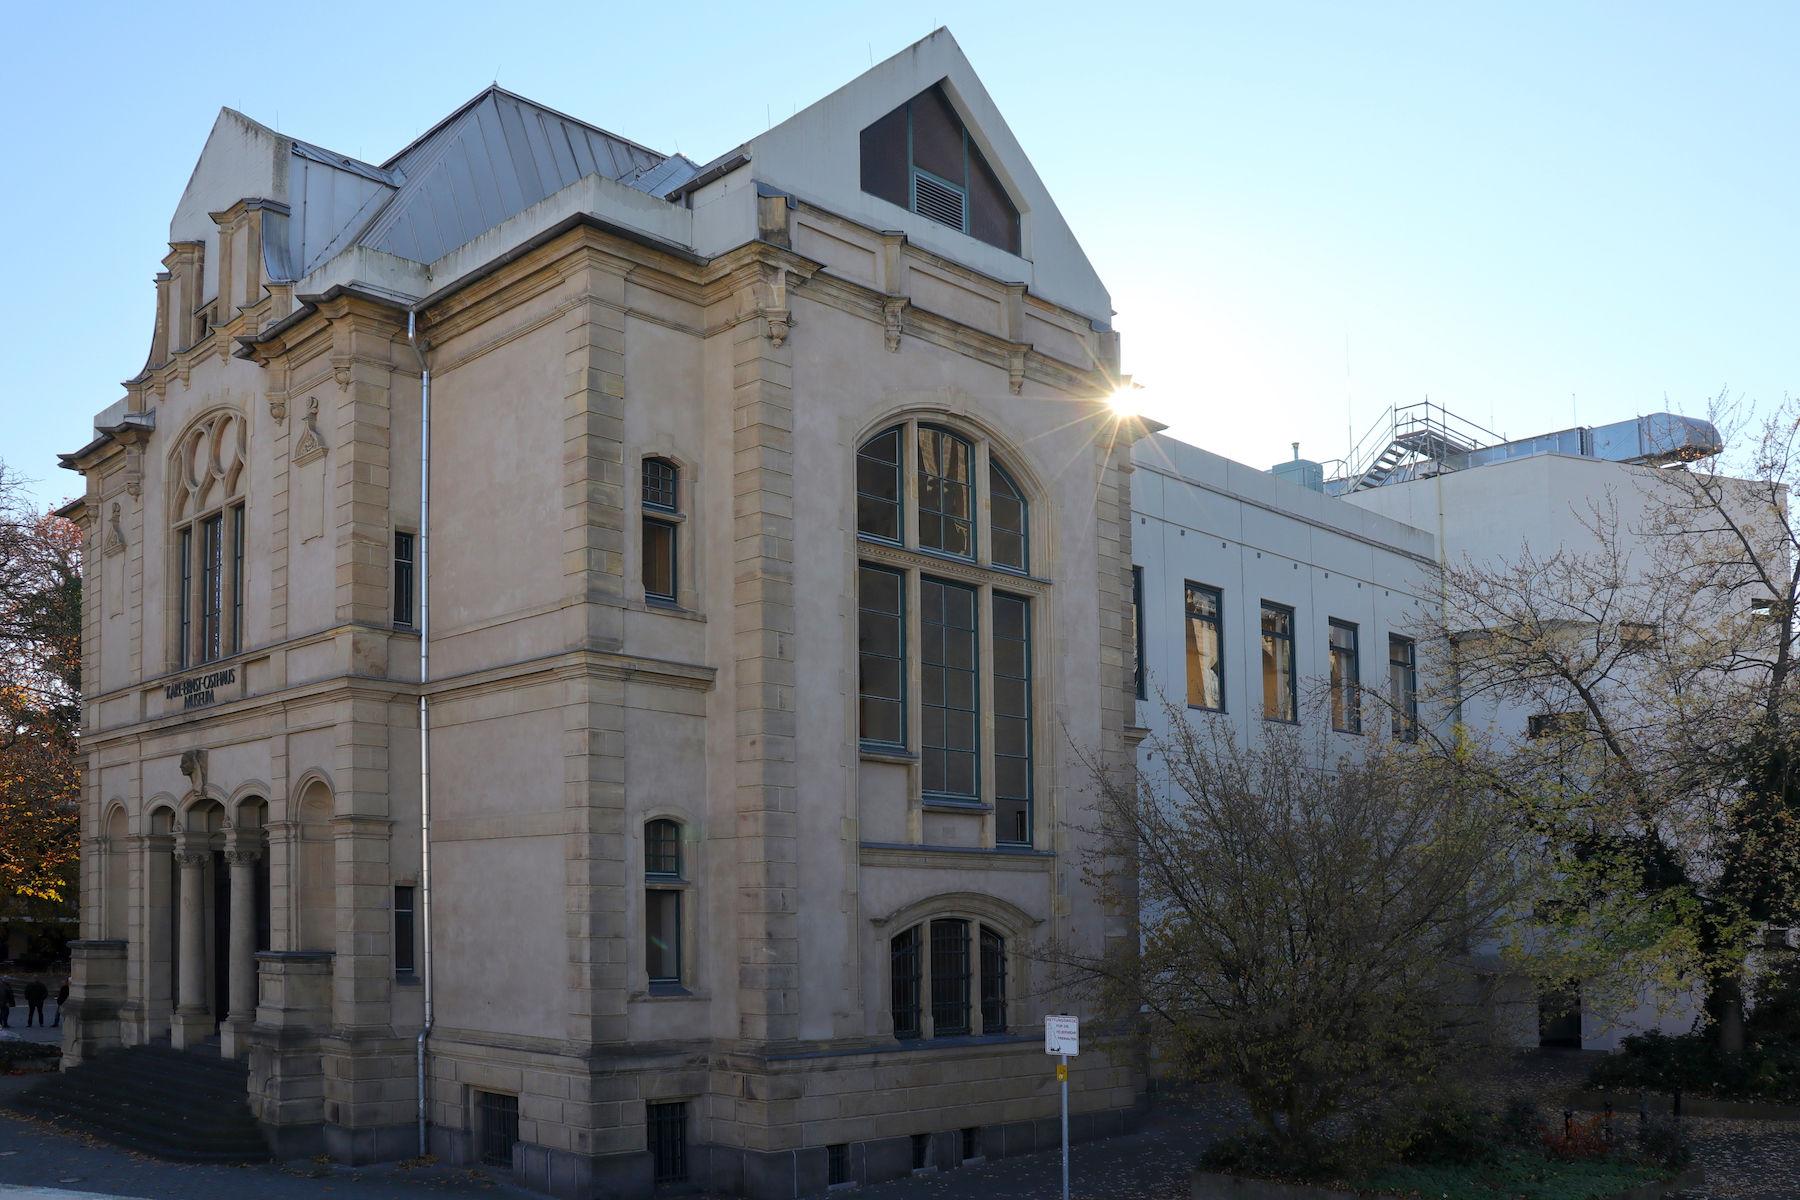 Osthaus Museum. Entworfen von Carl Gérard (1898). Die Innenausstattung stammt von Henry van de Velde (1902).